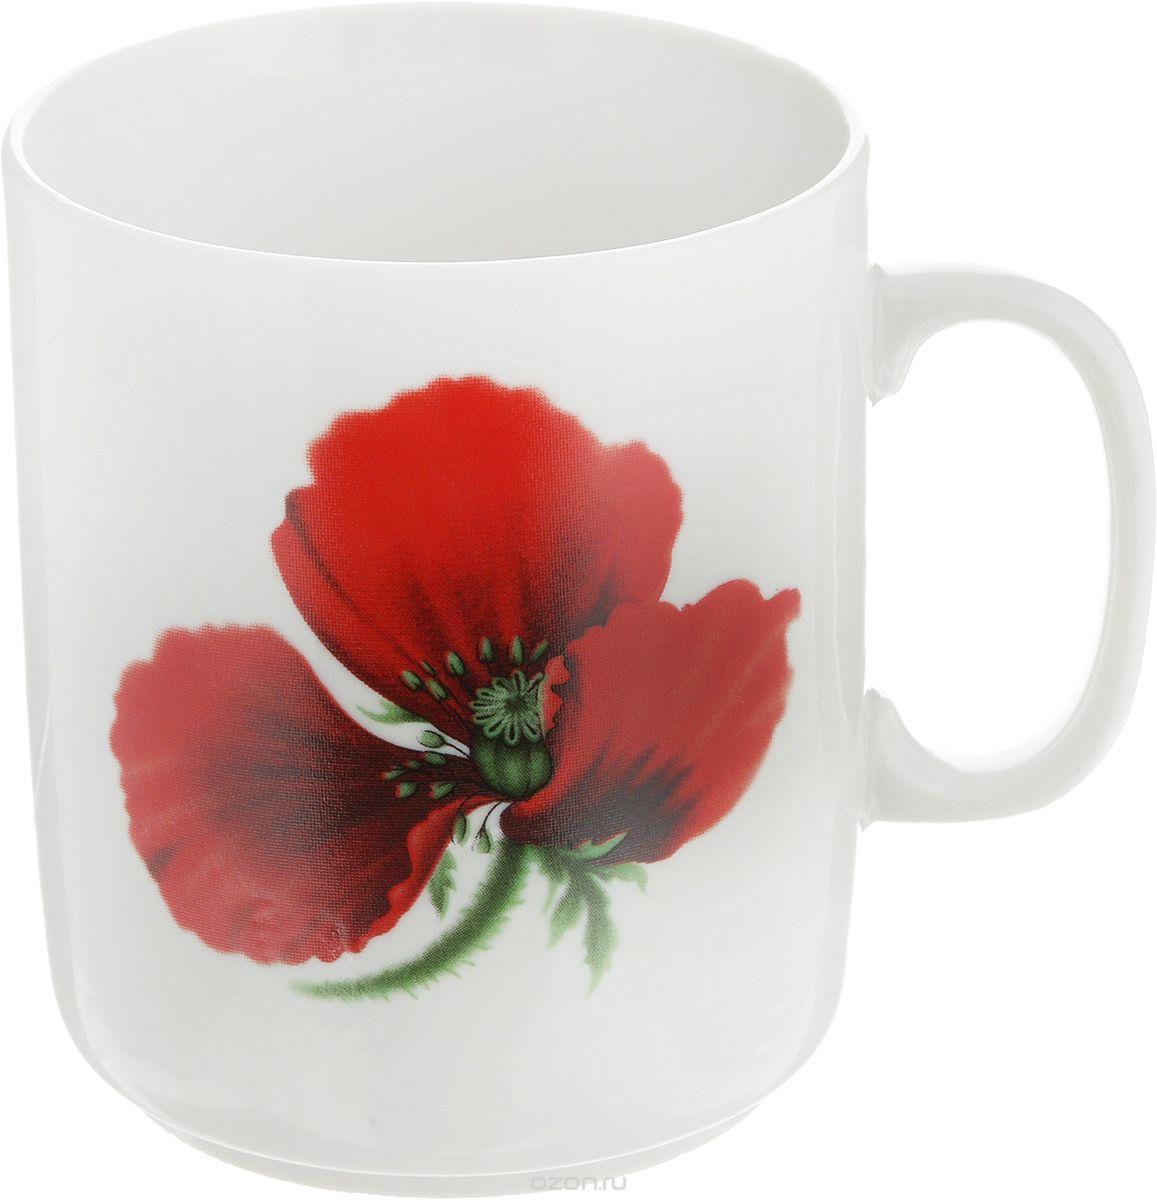 Кружка Фарфор Вербилок Маков цвет, 250 мл5810760Красивая кружка Фарфор Вербилок Маков цвет способна скрасить любое чаепитие. Изделие выполнено из высококачественного фарфора. Посуда из такого материала позволяет сохранить истинный вкус напитка, а также помогает ему дольше оставаться теплым.Объем кружки: 250 мл.Диаметр по верхнему краю: 8 см.Диаметр основания: 5,2 см.Высота кружки: 8,5 см.